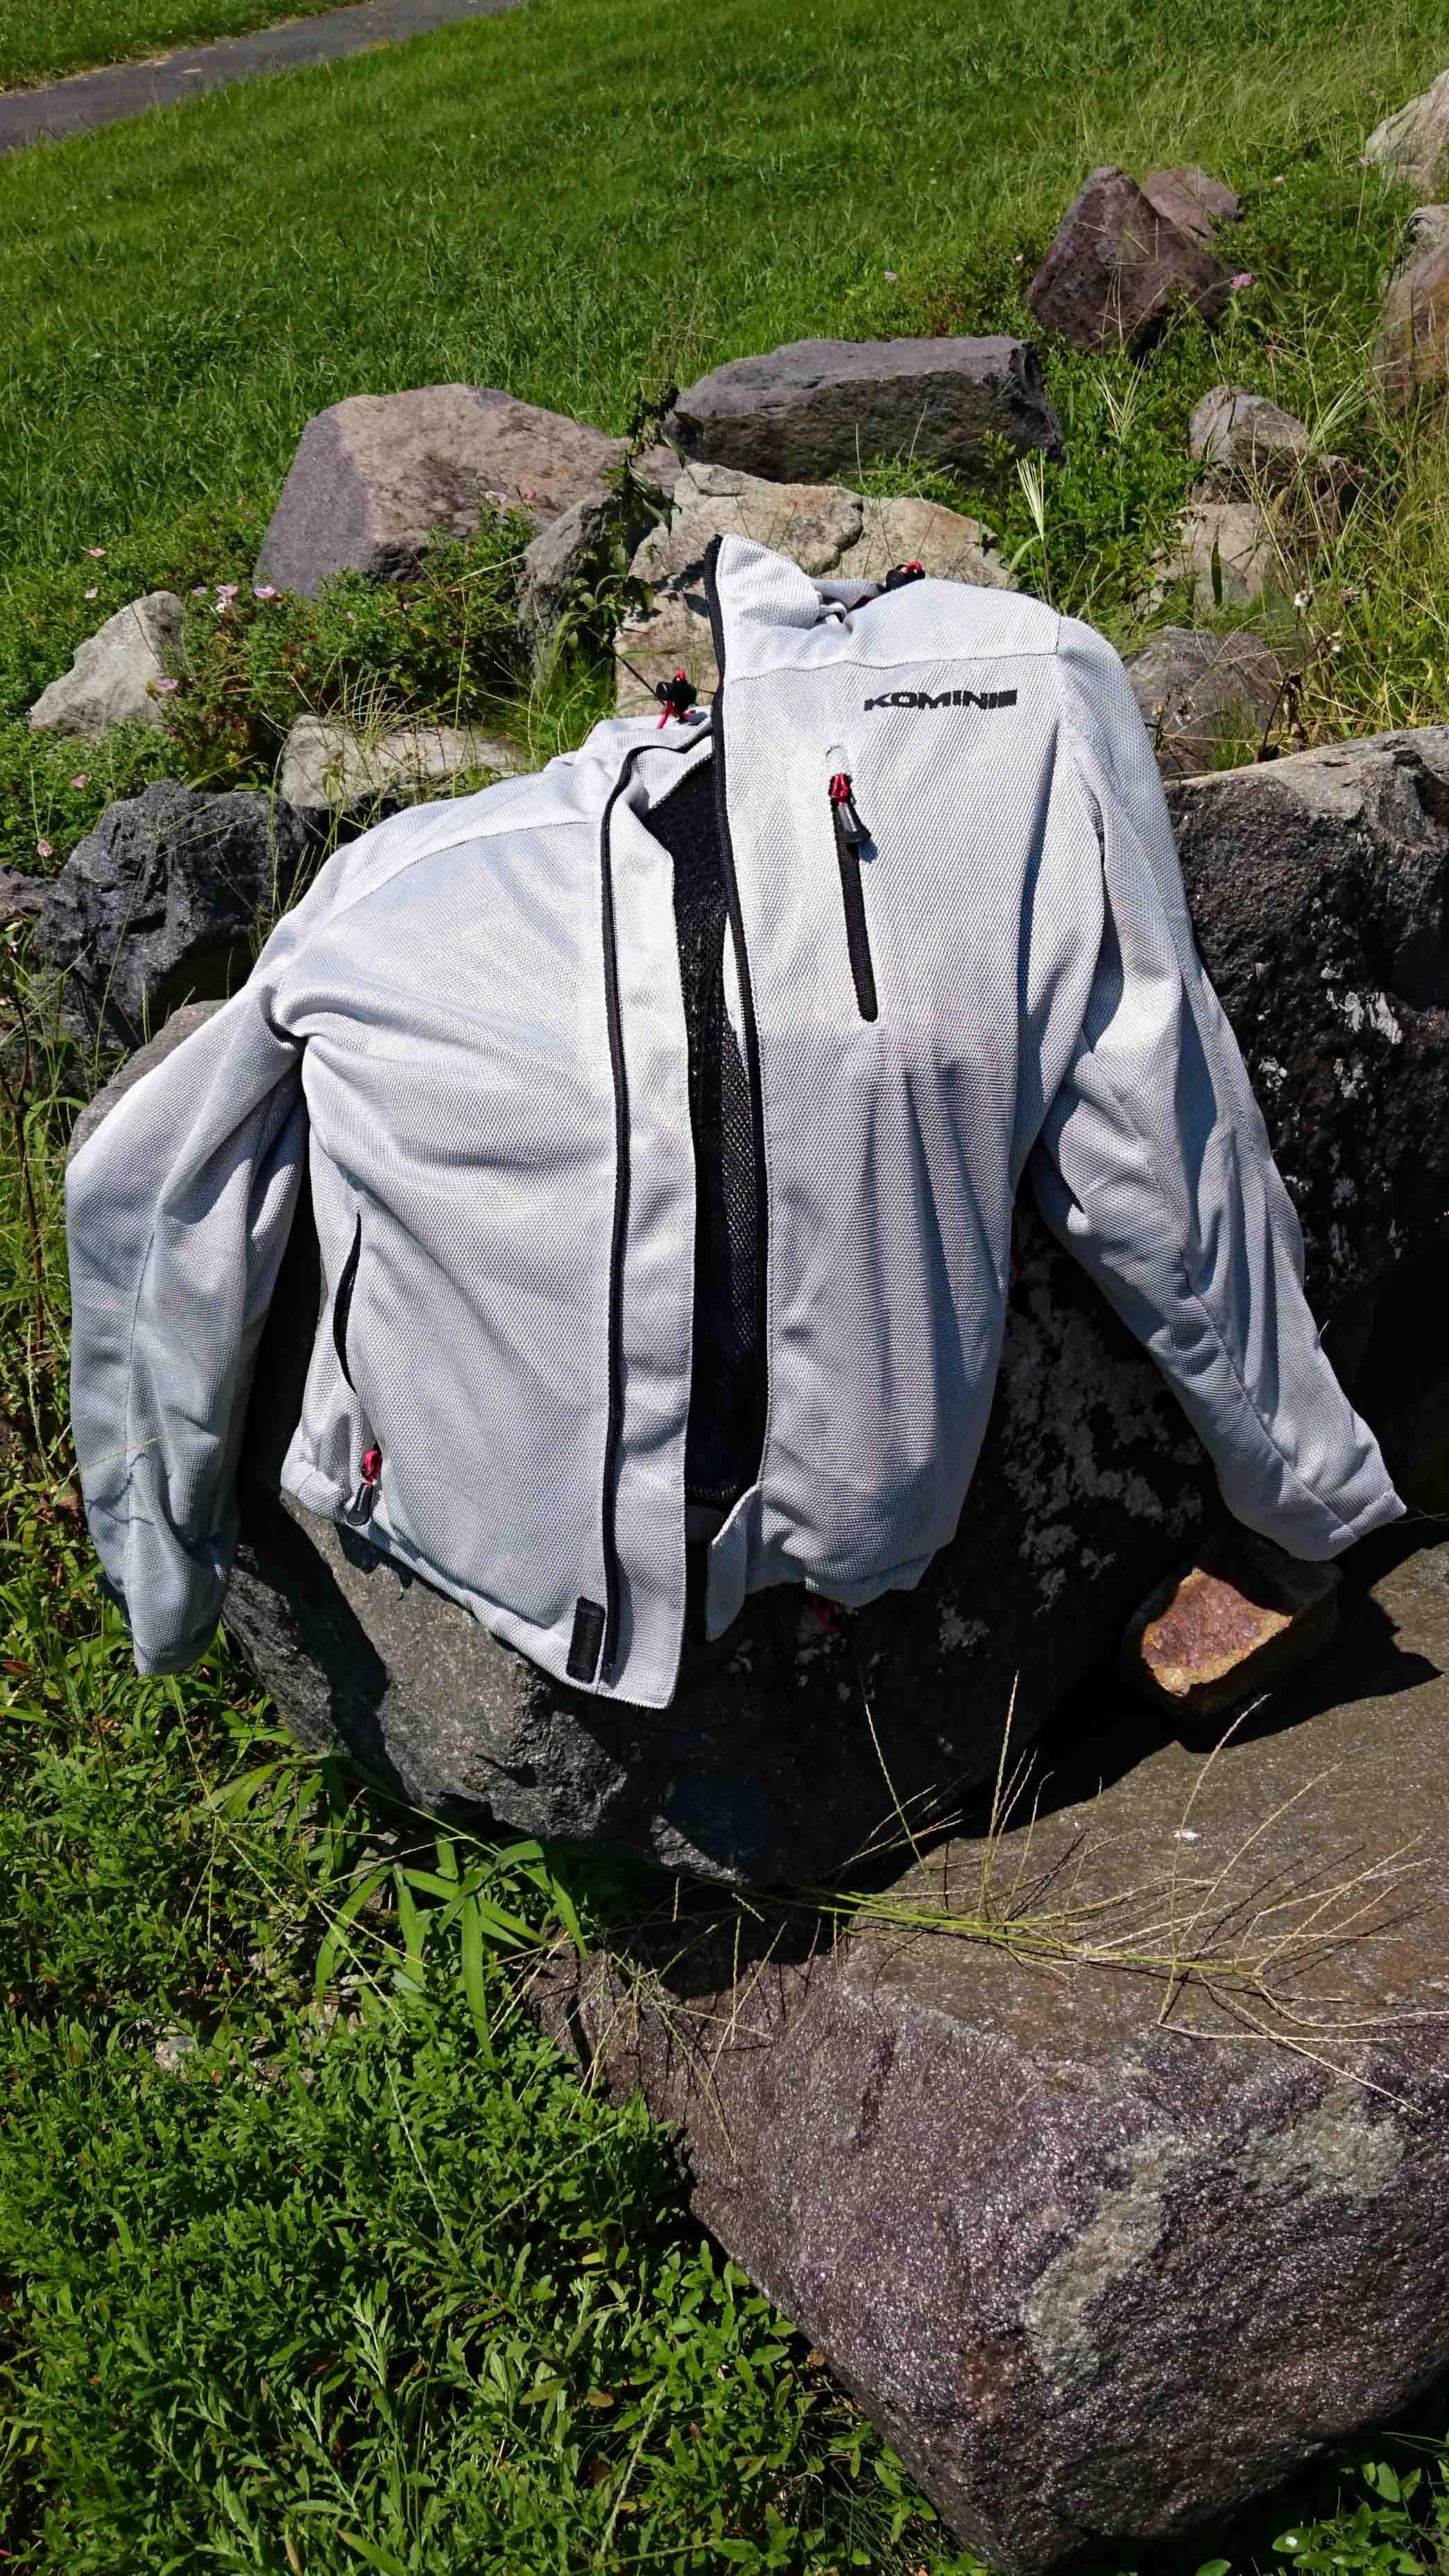 【風が体を貫通する!】コミネ メッシュジャケット JK-087実使用インプレ!【暑かろうが雨が降ろうが快適!】